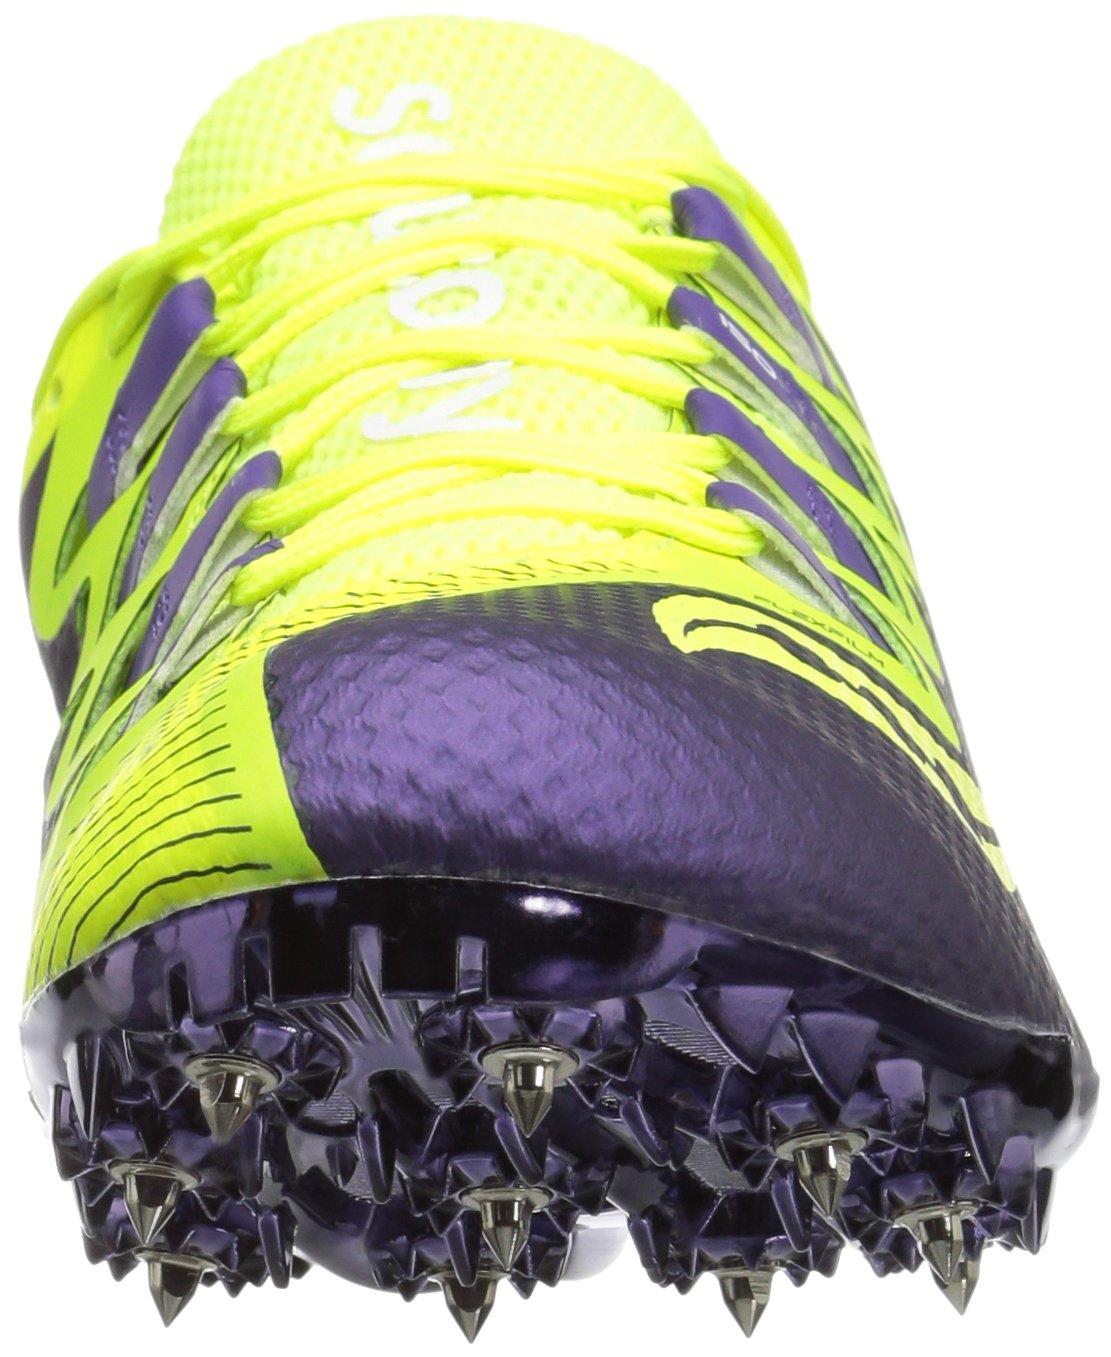 Saucony Women's Showdown 4 Track Shoe, Citron/Purple, 9.5 M US by Saucony (Image #4)